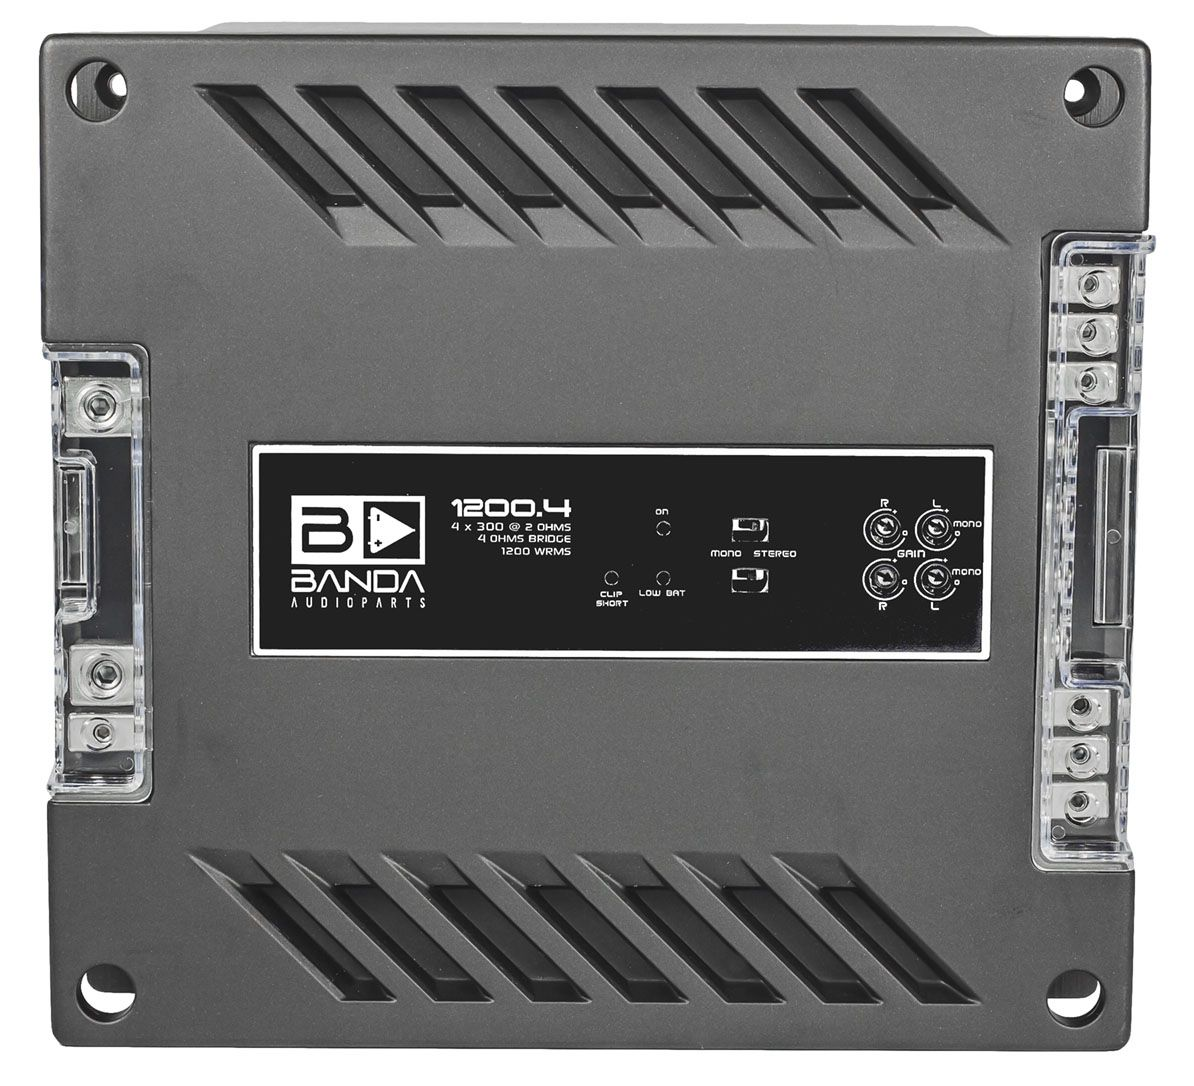 Módulo Amplificador Banda 1200.4 4 Canais 2 Ohms